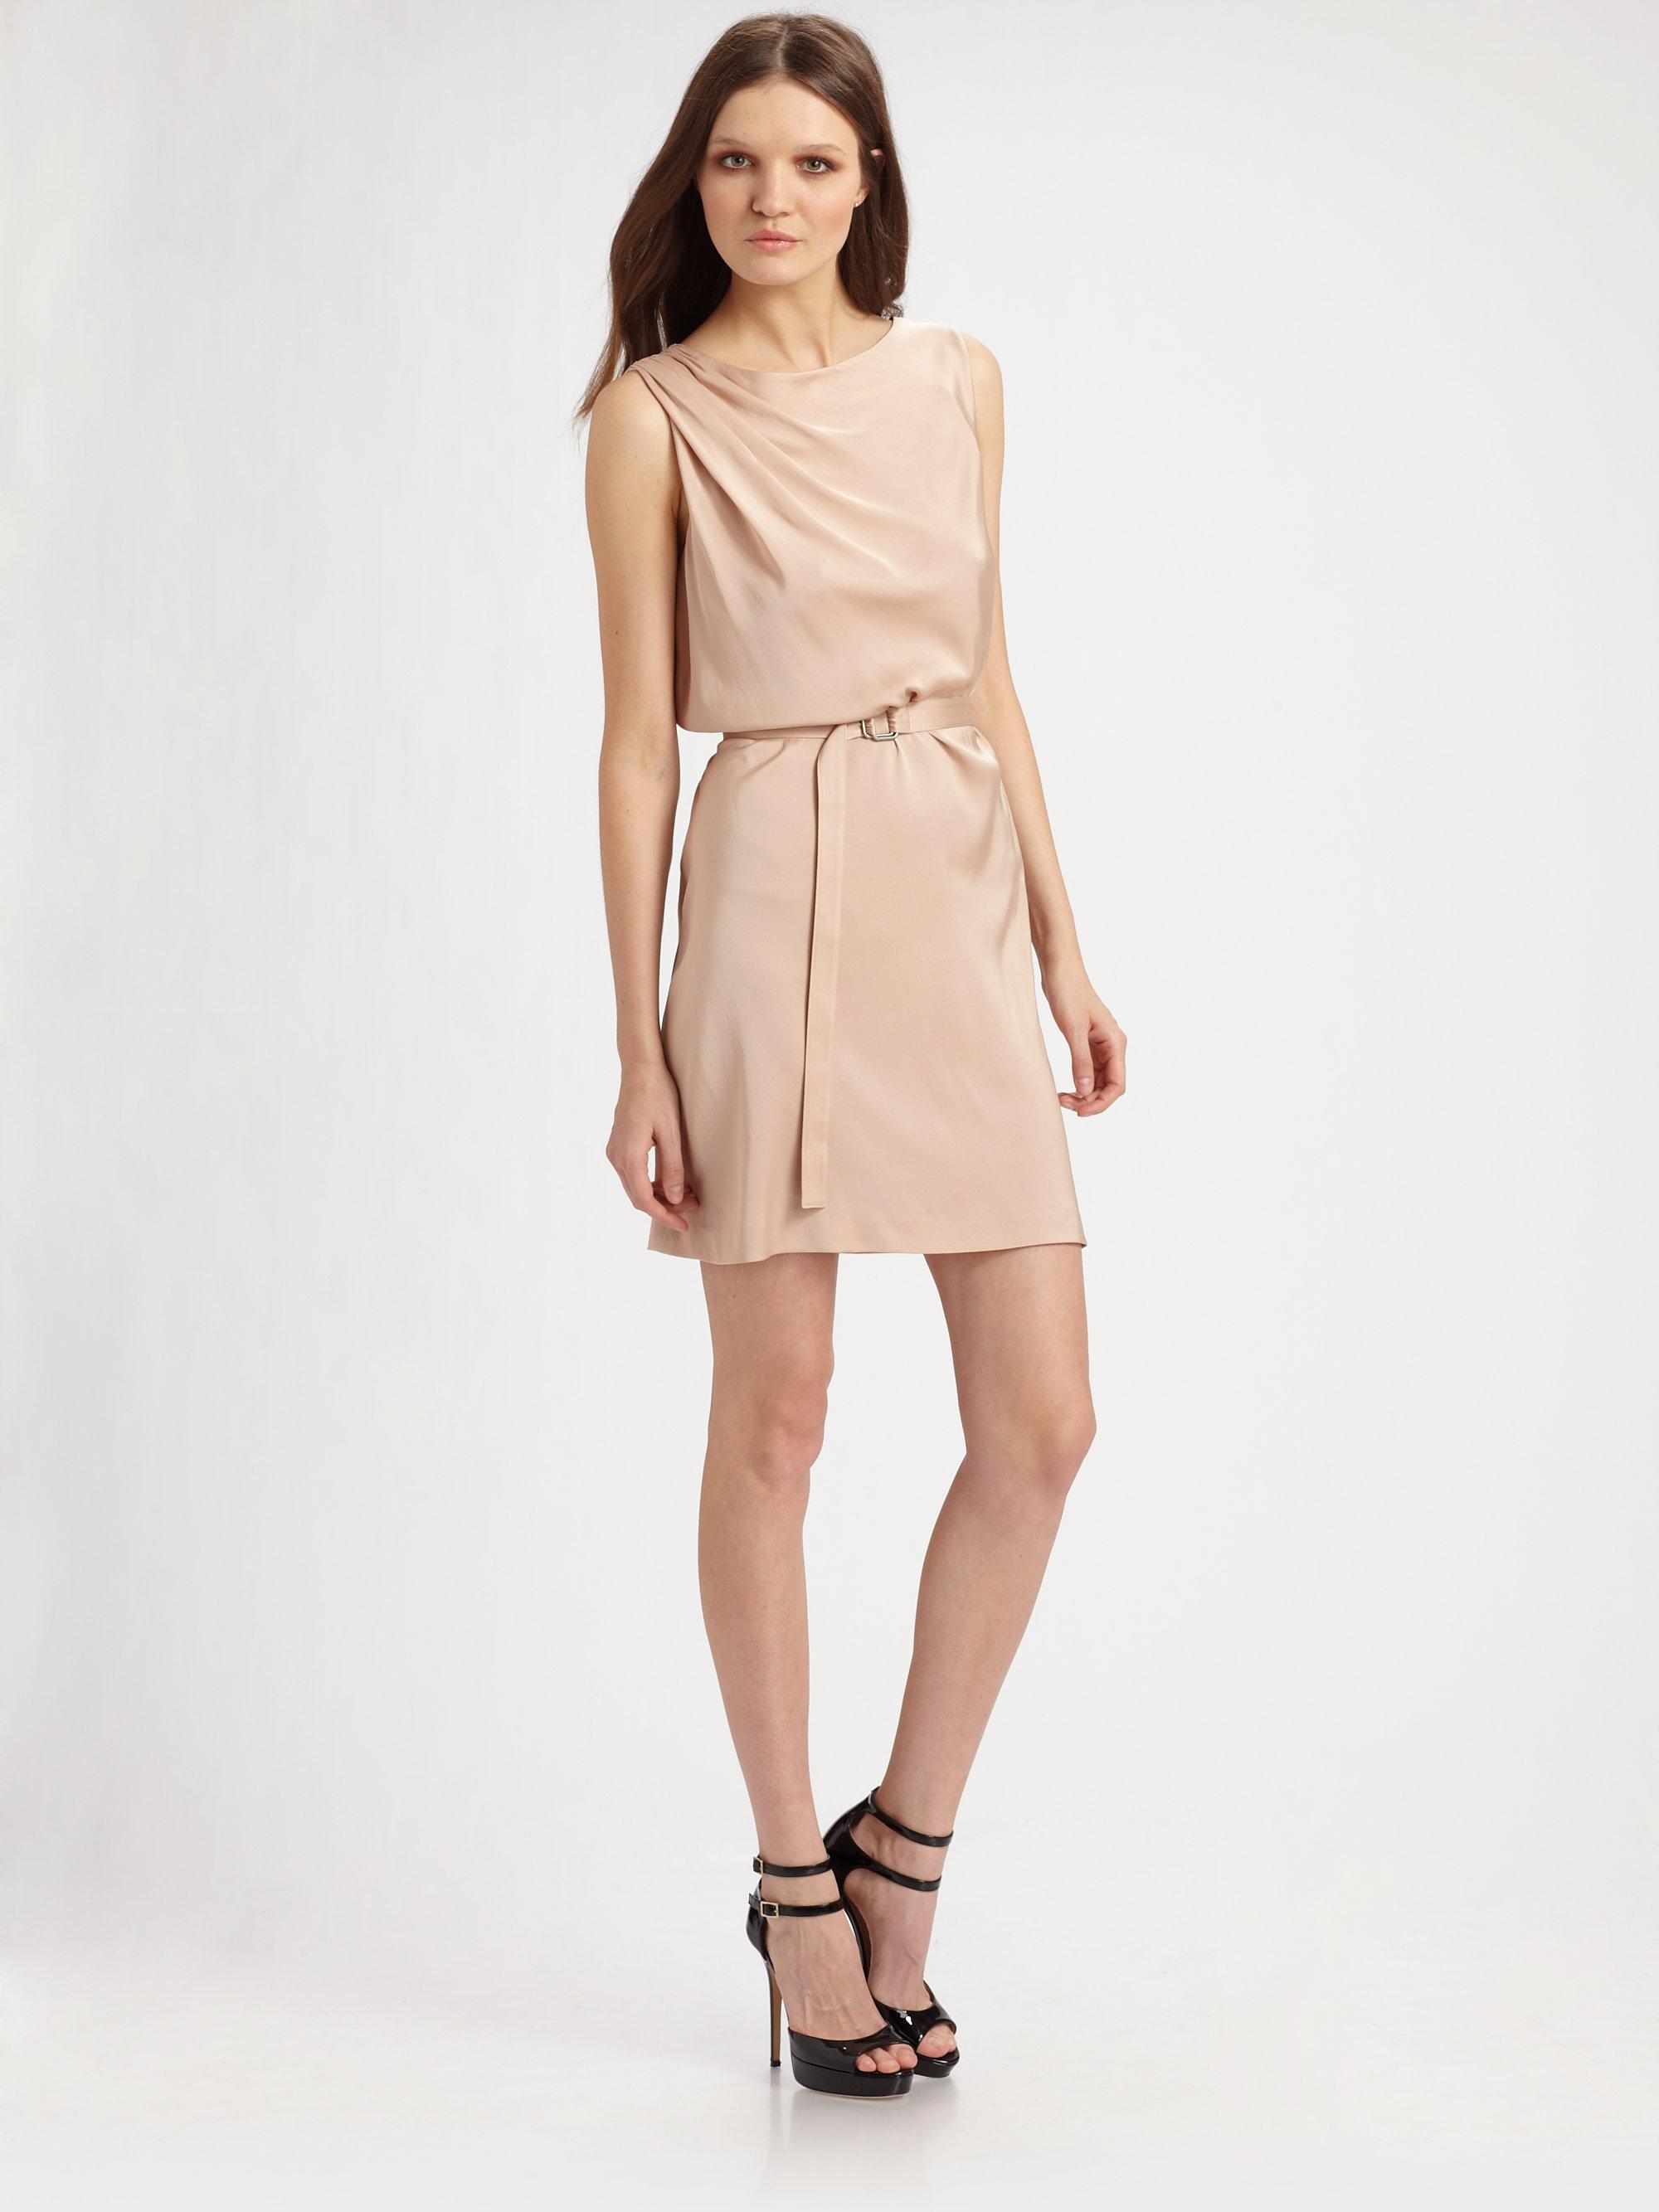 Theory Silk Dress